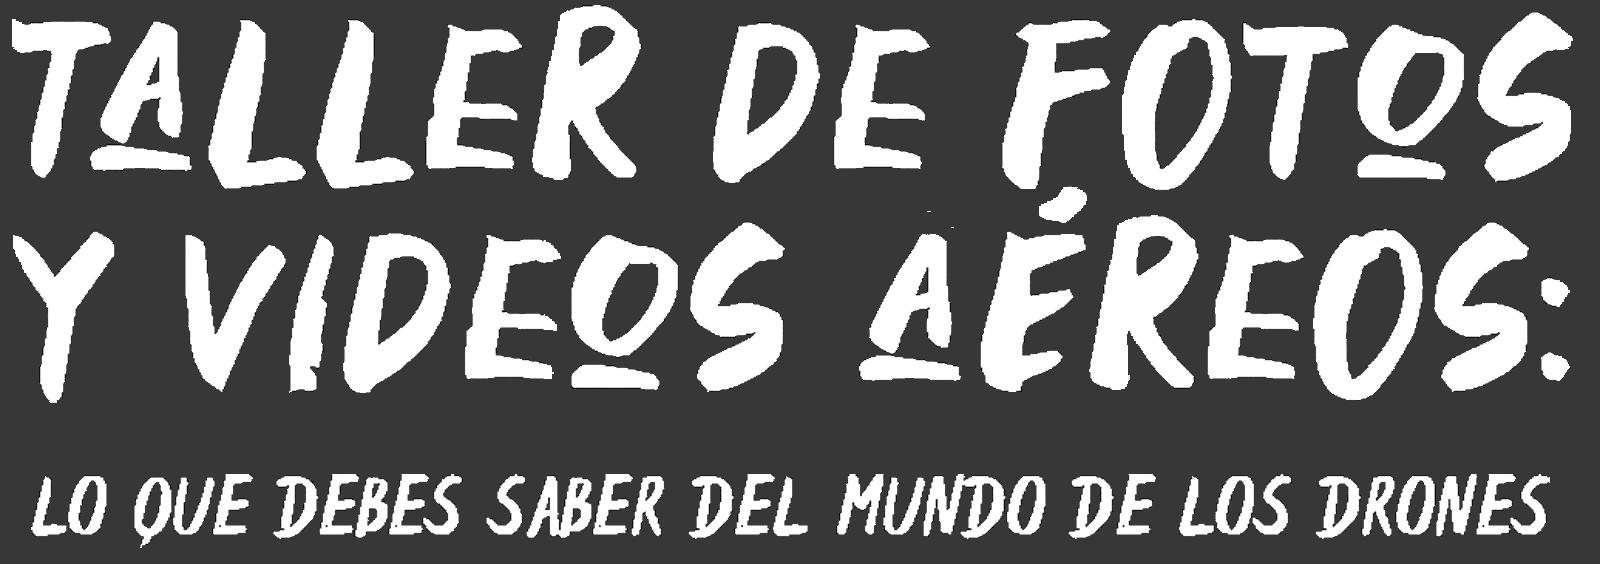 Imagen Titulocorregido